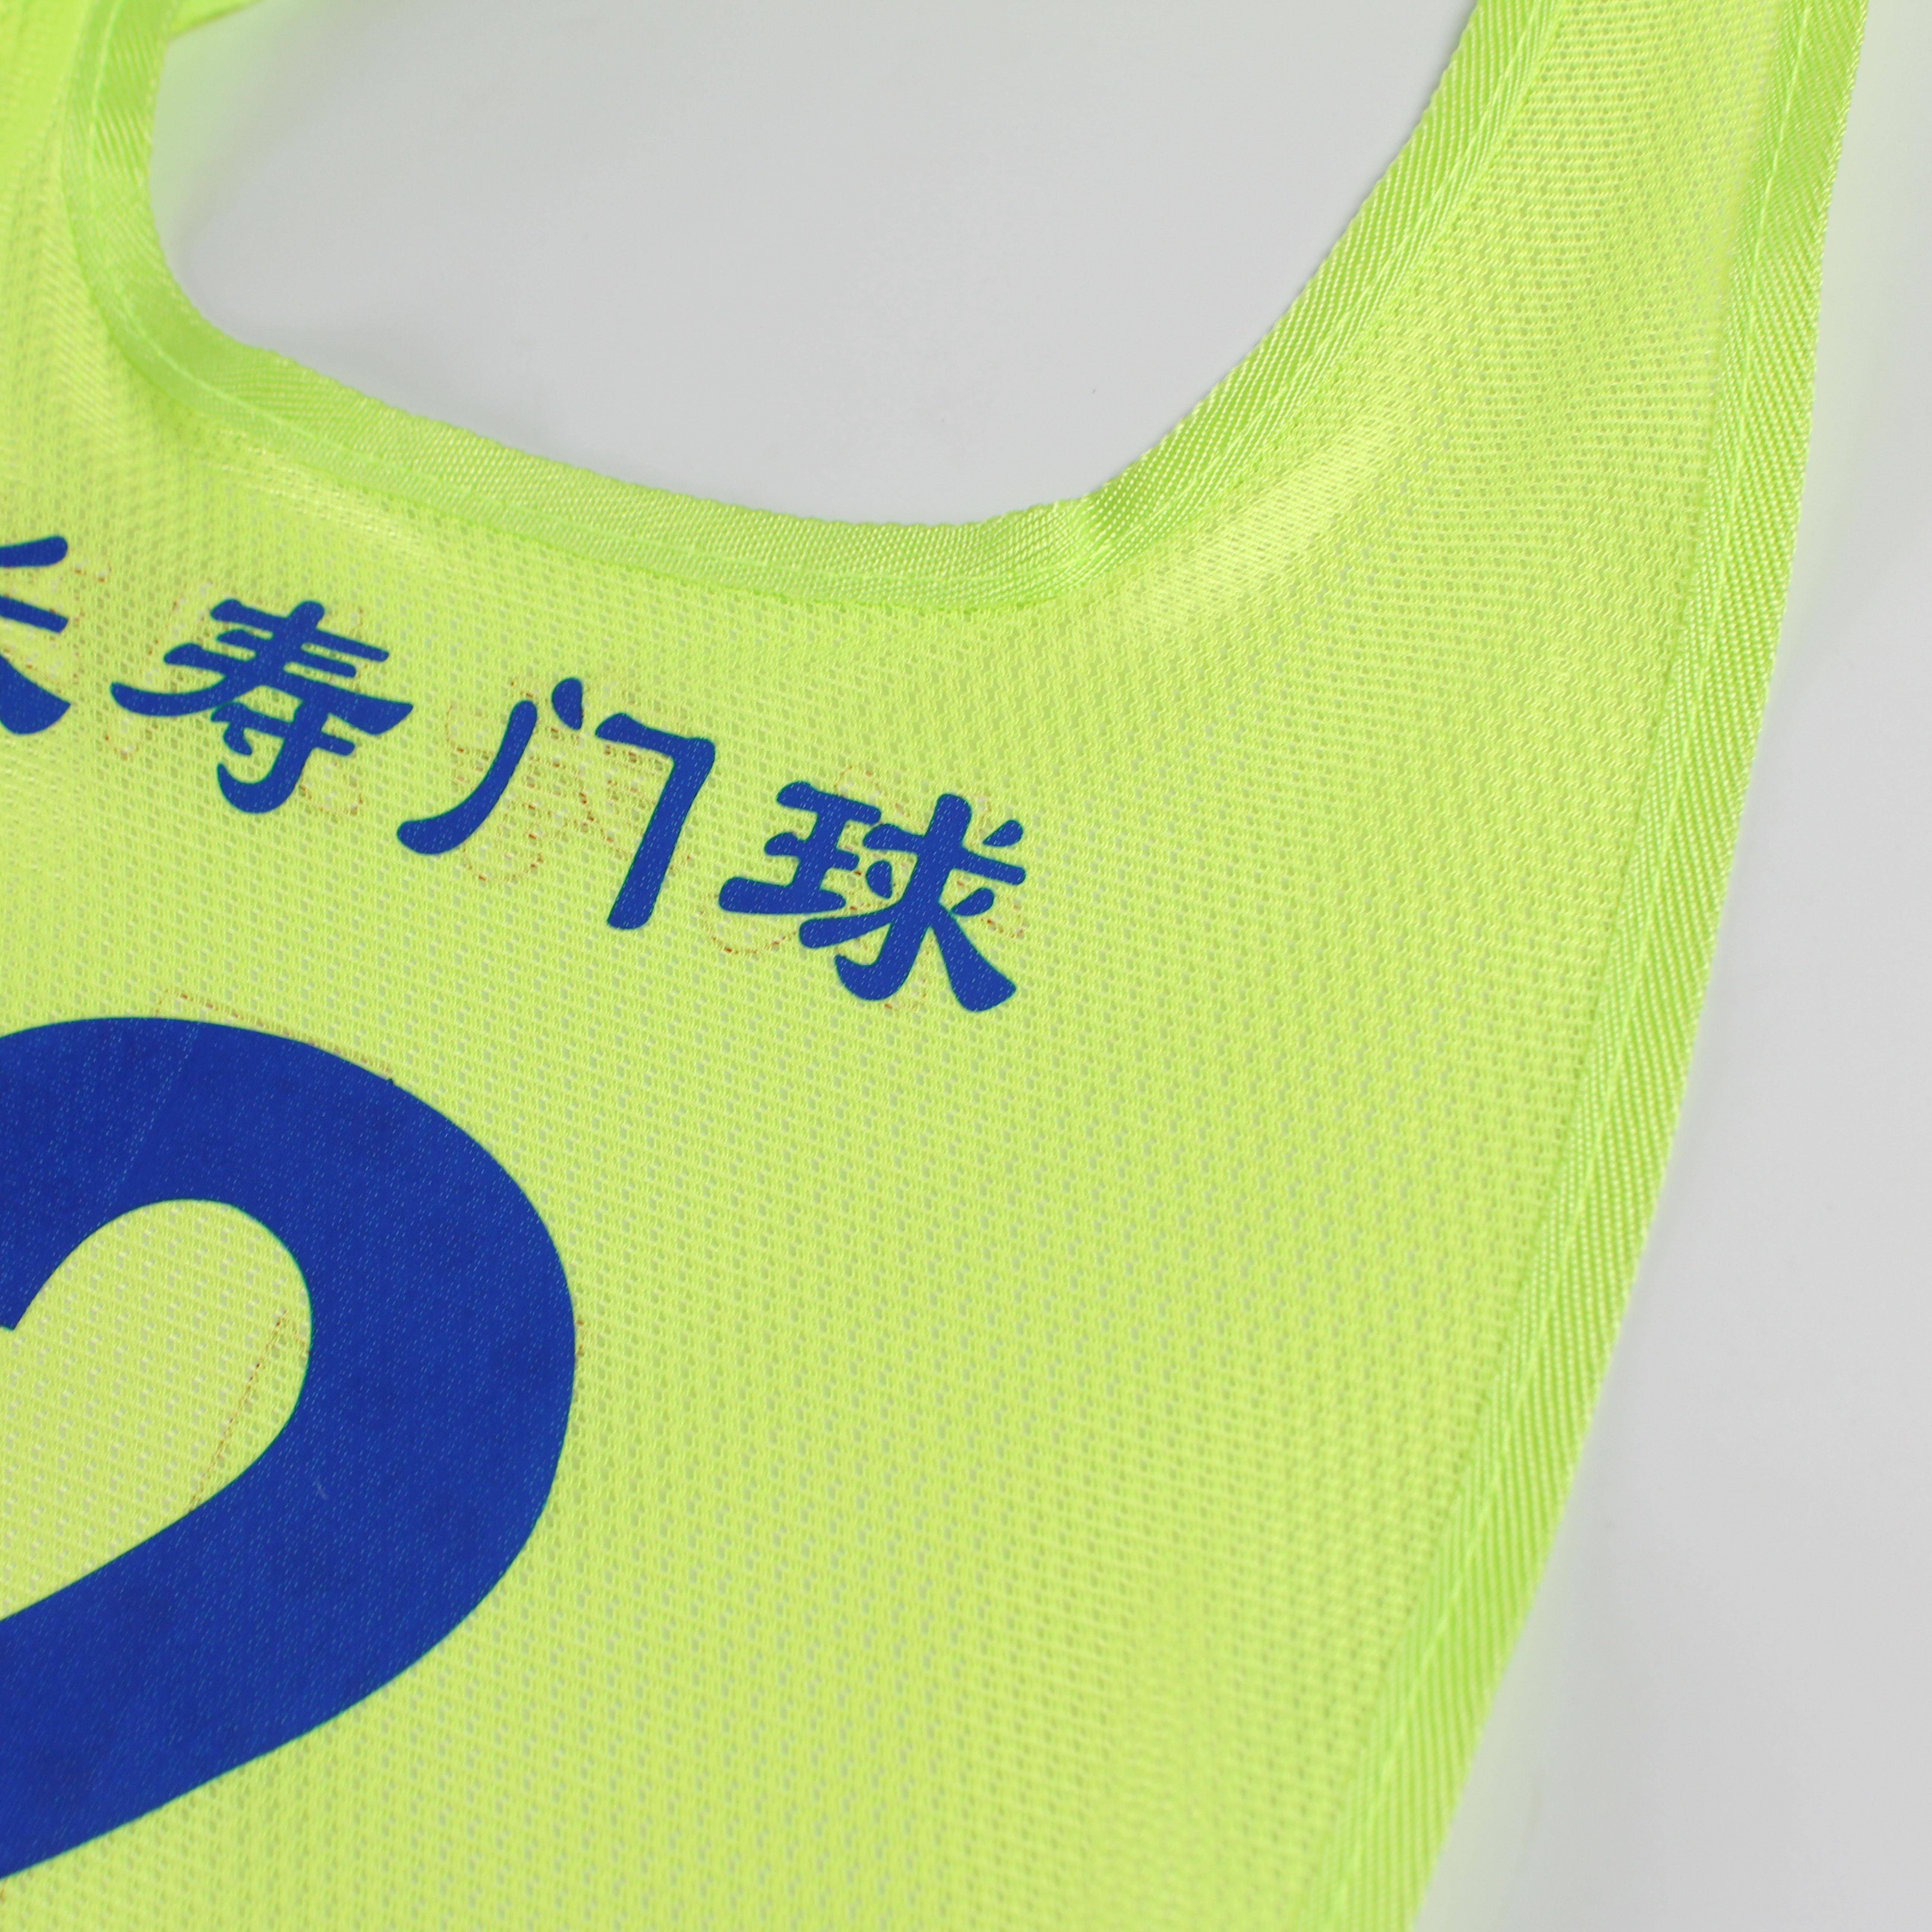 寿门球号码布背心 号码服装 门球棒门球杆 公司授权直销店